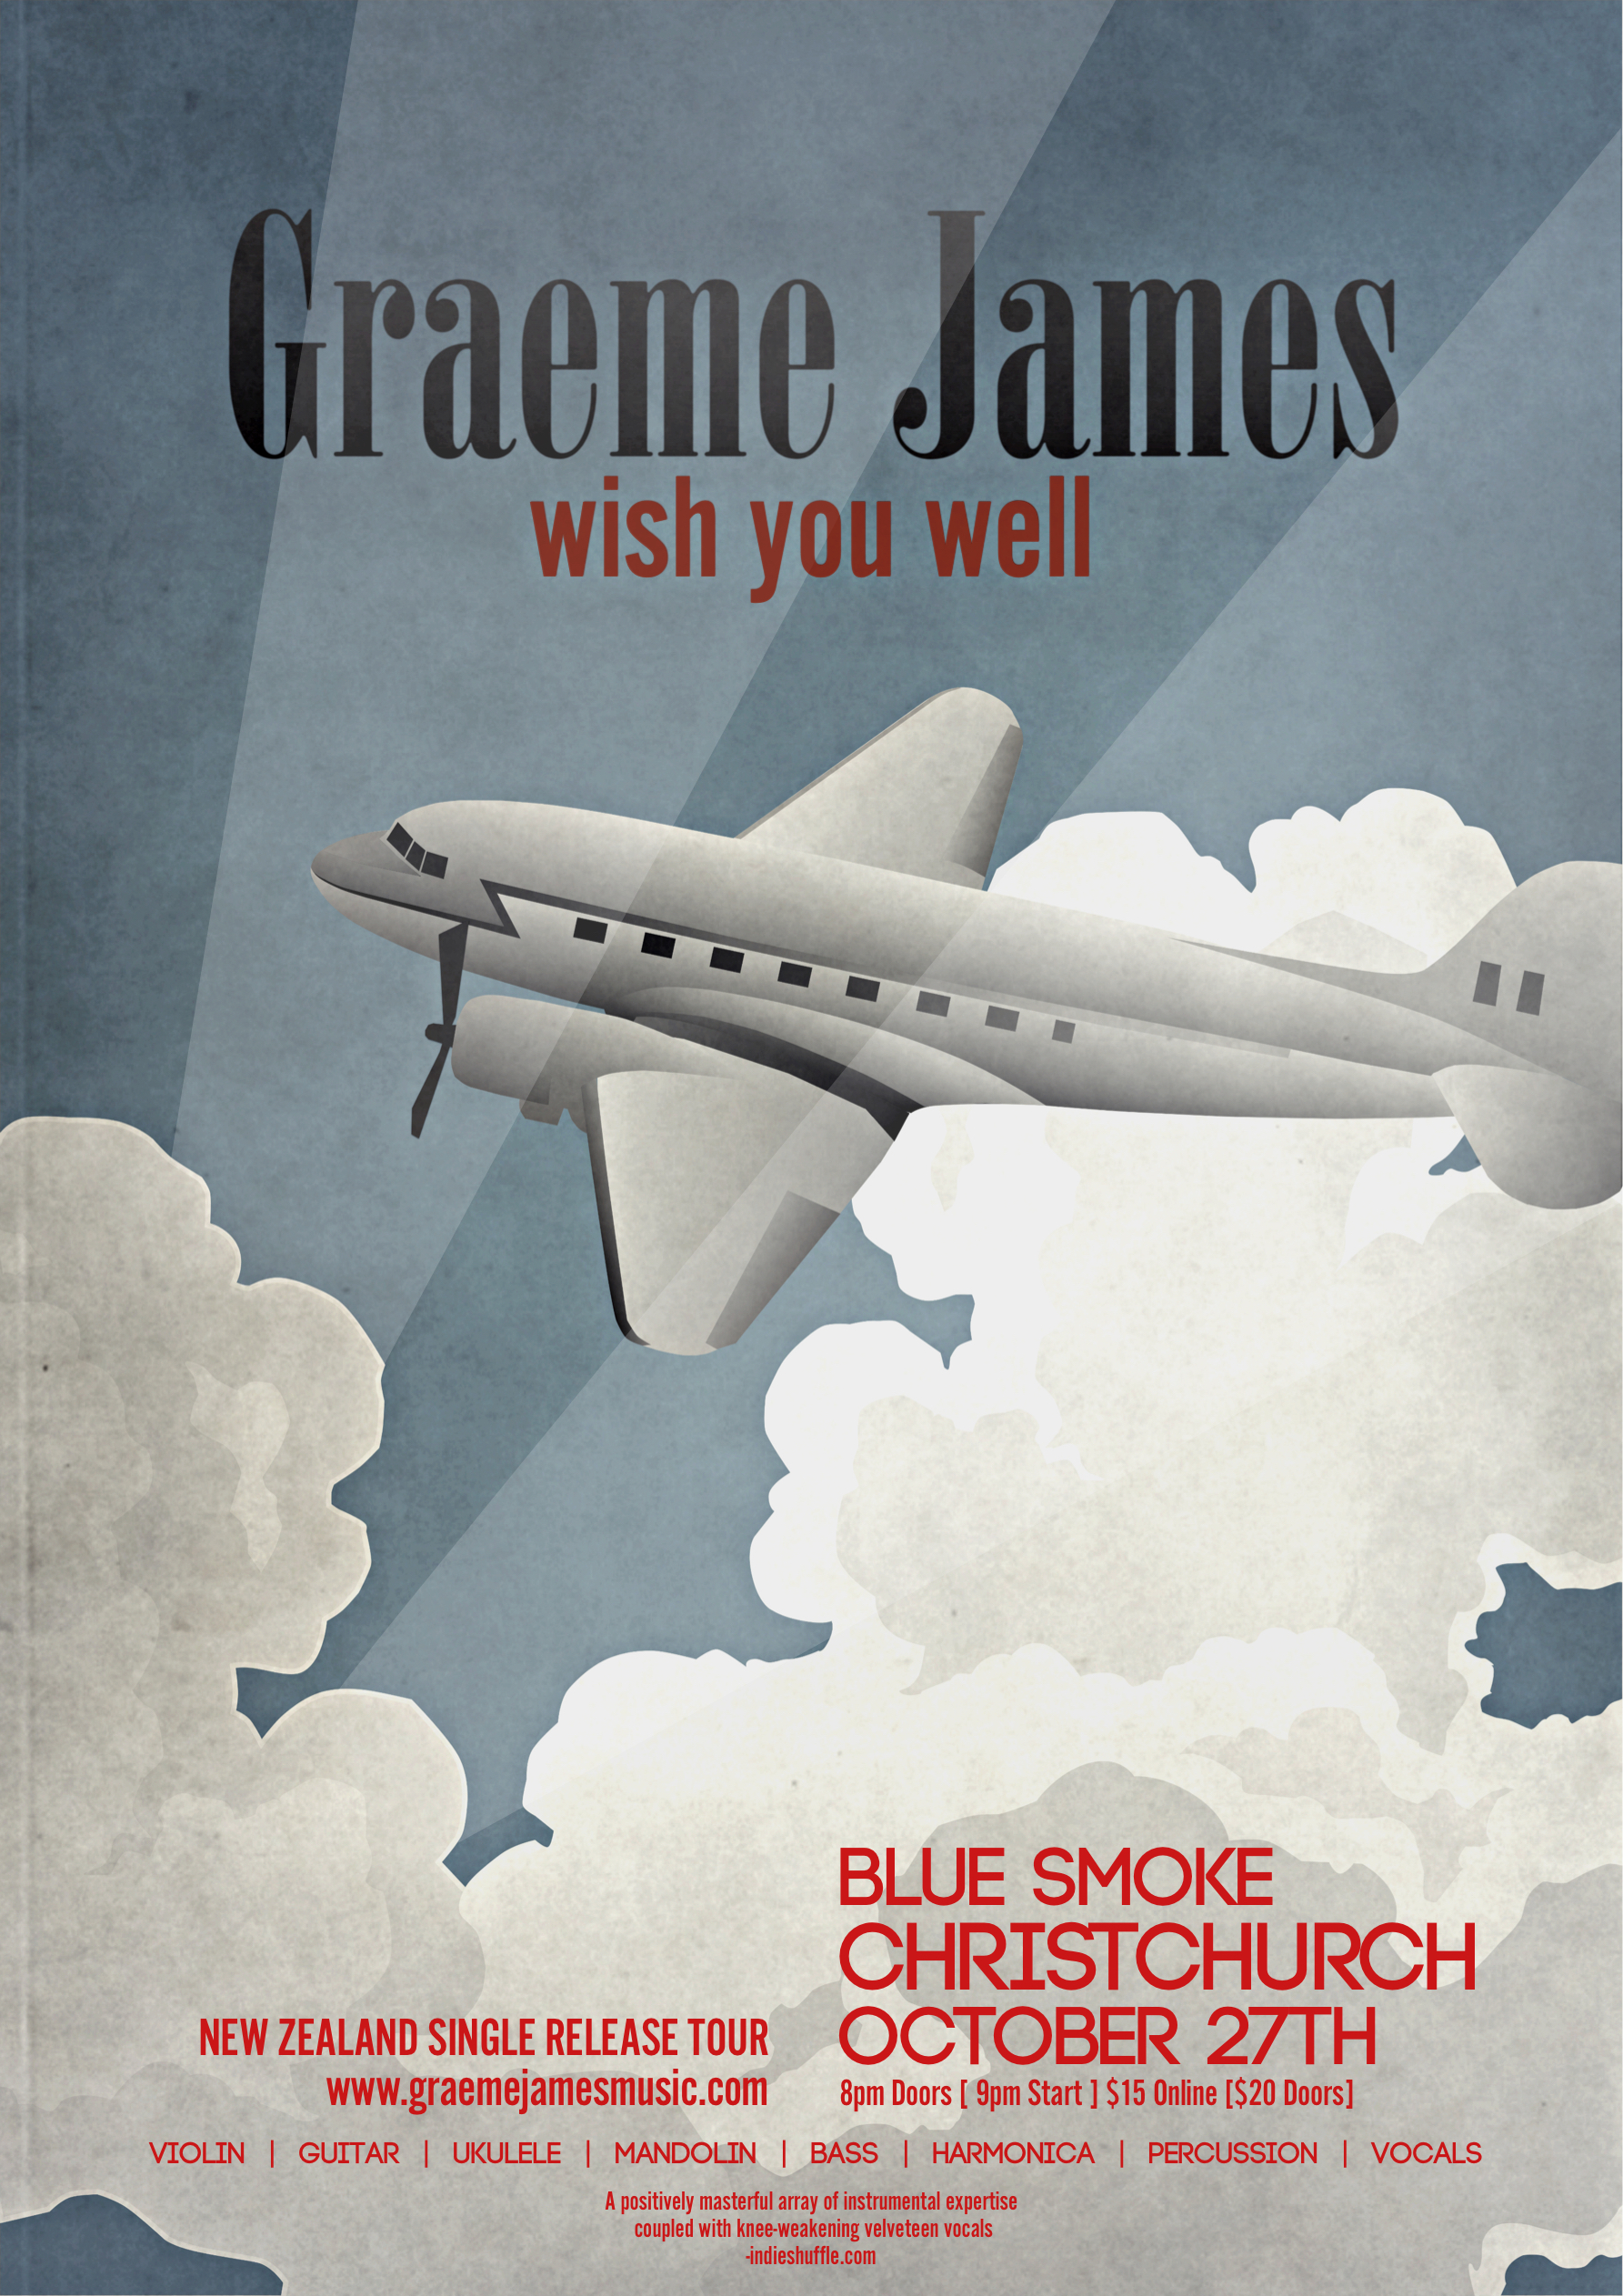 Graeme James Wish You Well Tour Soundsgood